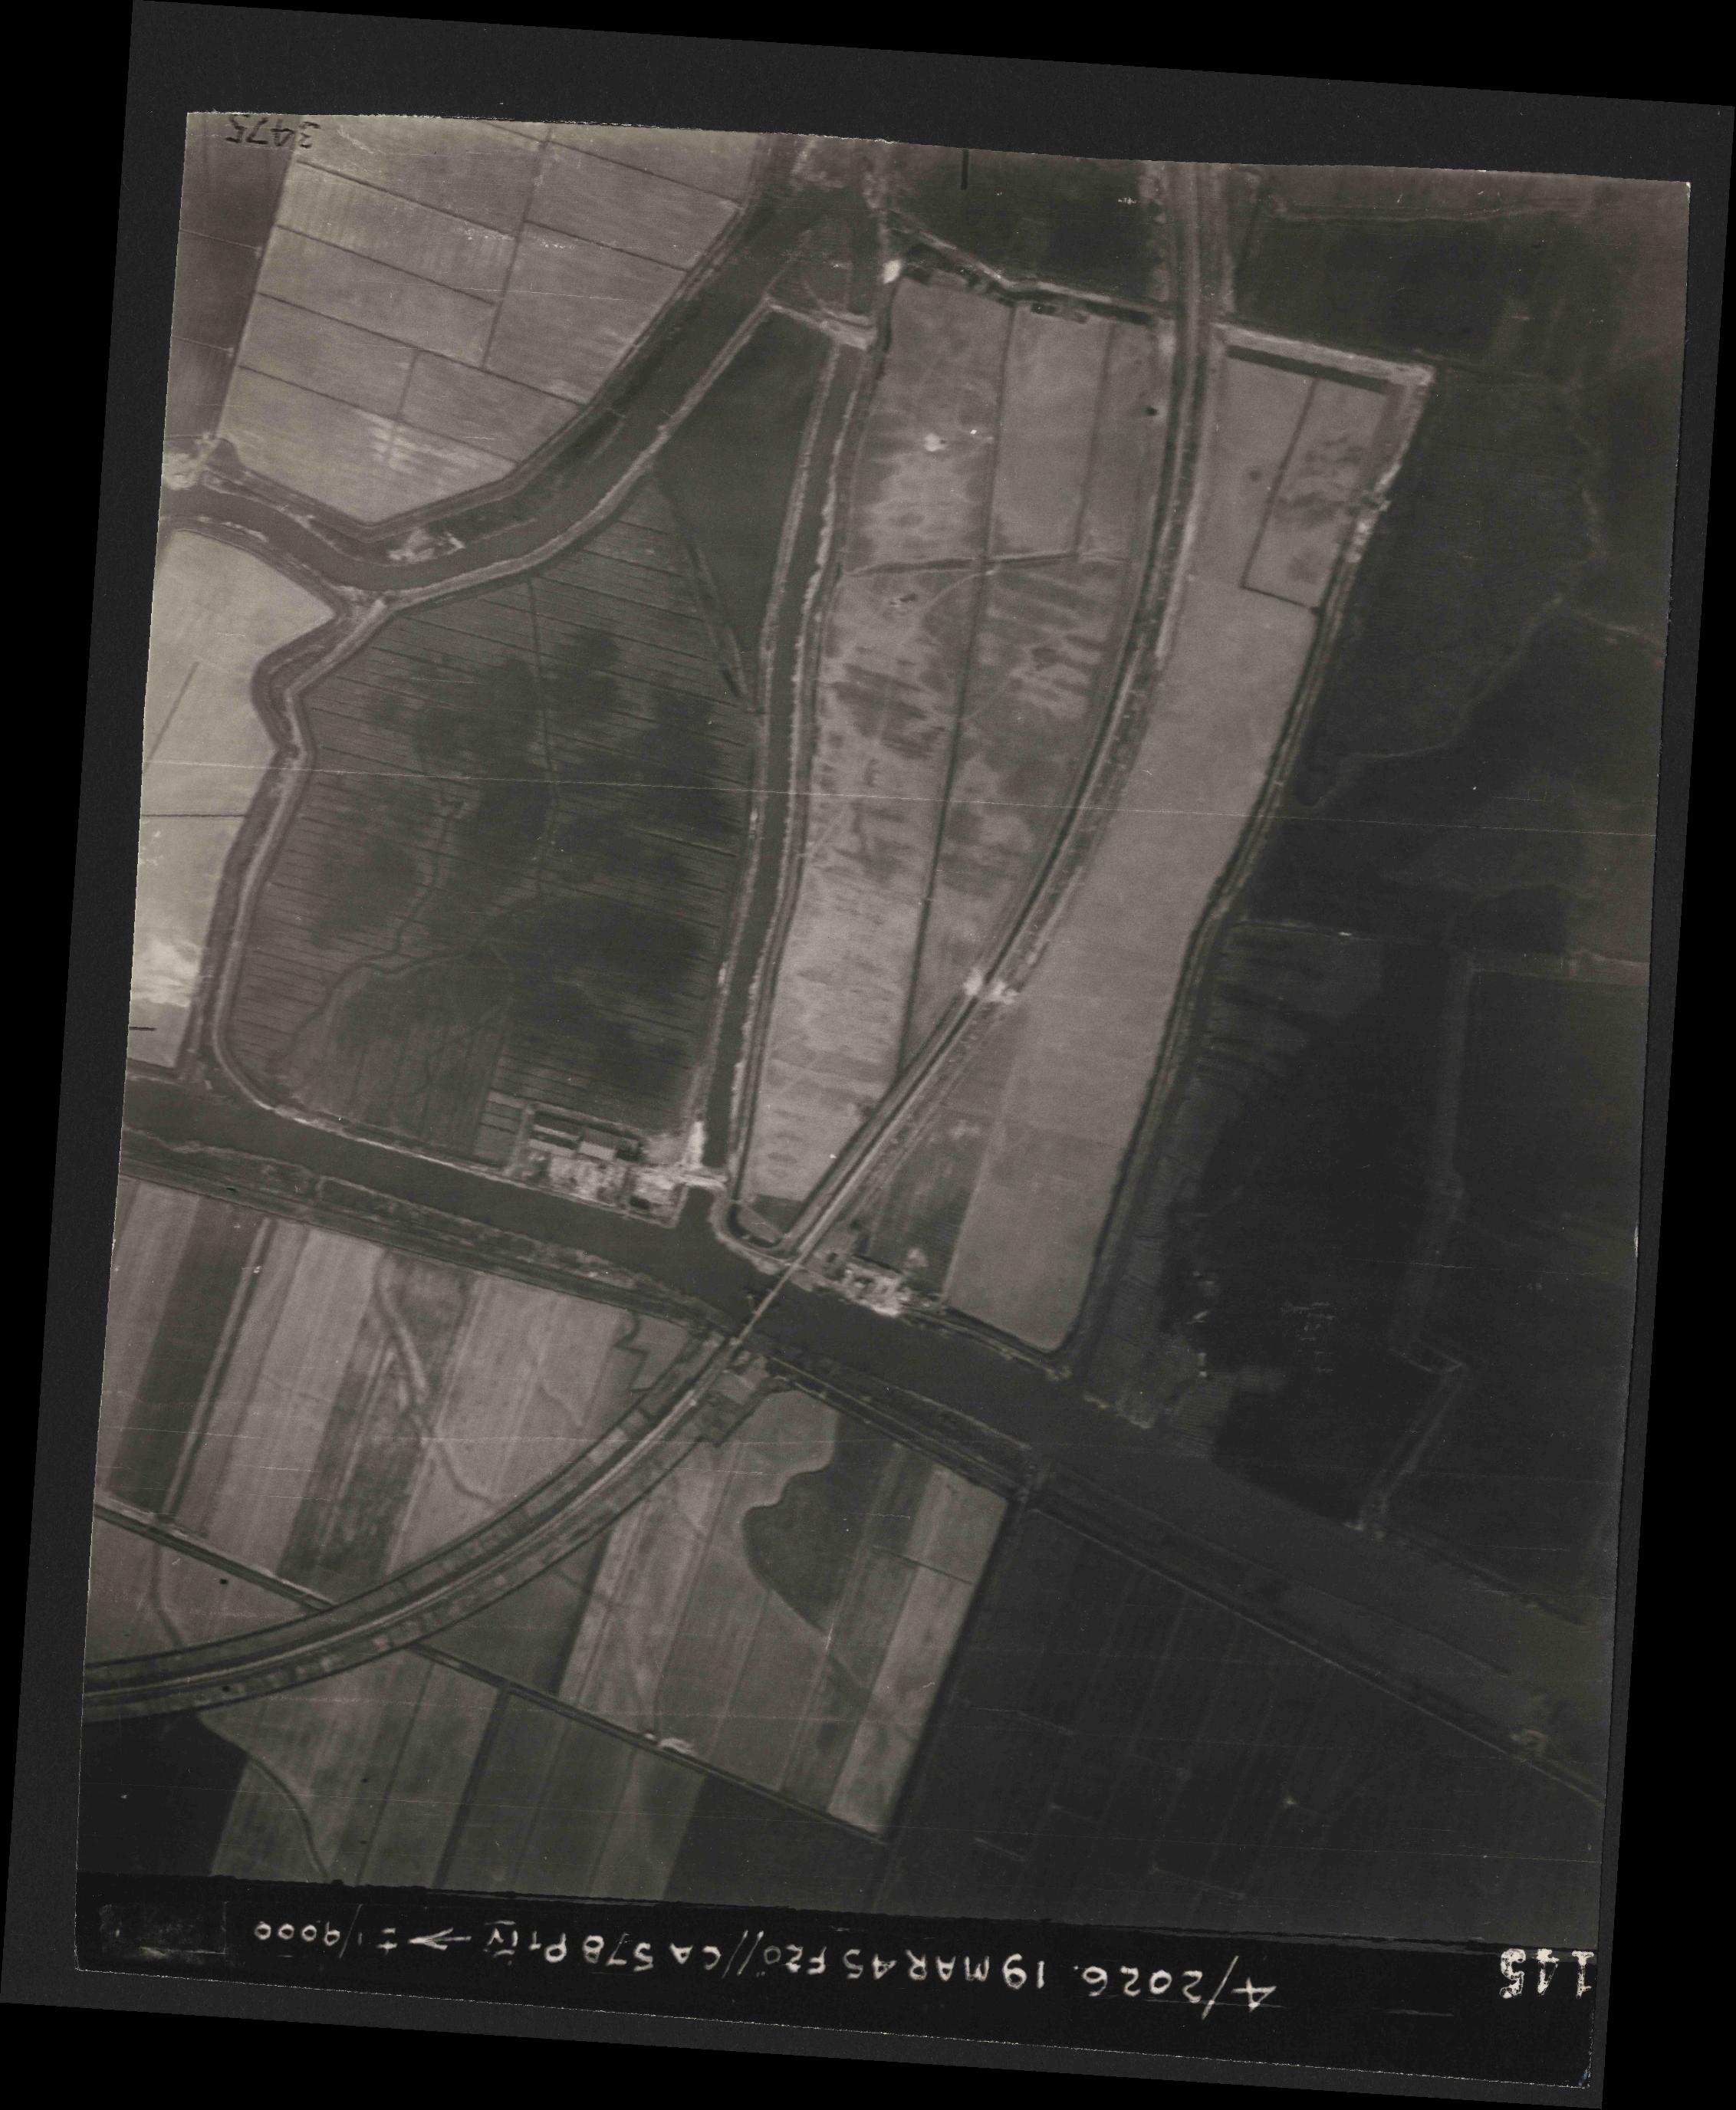 Collection RAF aerial photos 1940-1945 - flight 012, run 07, photo 3145